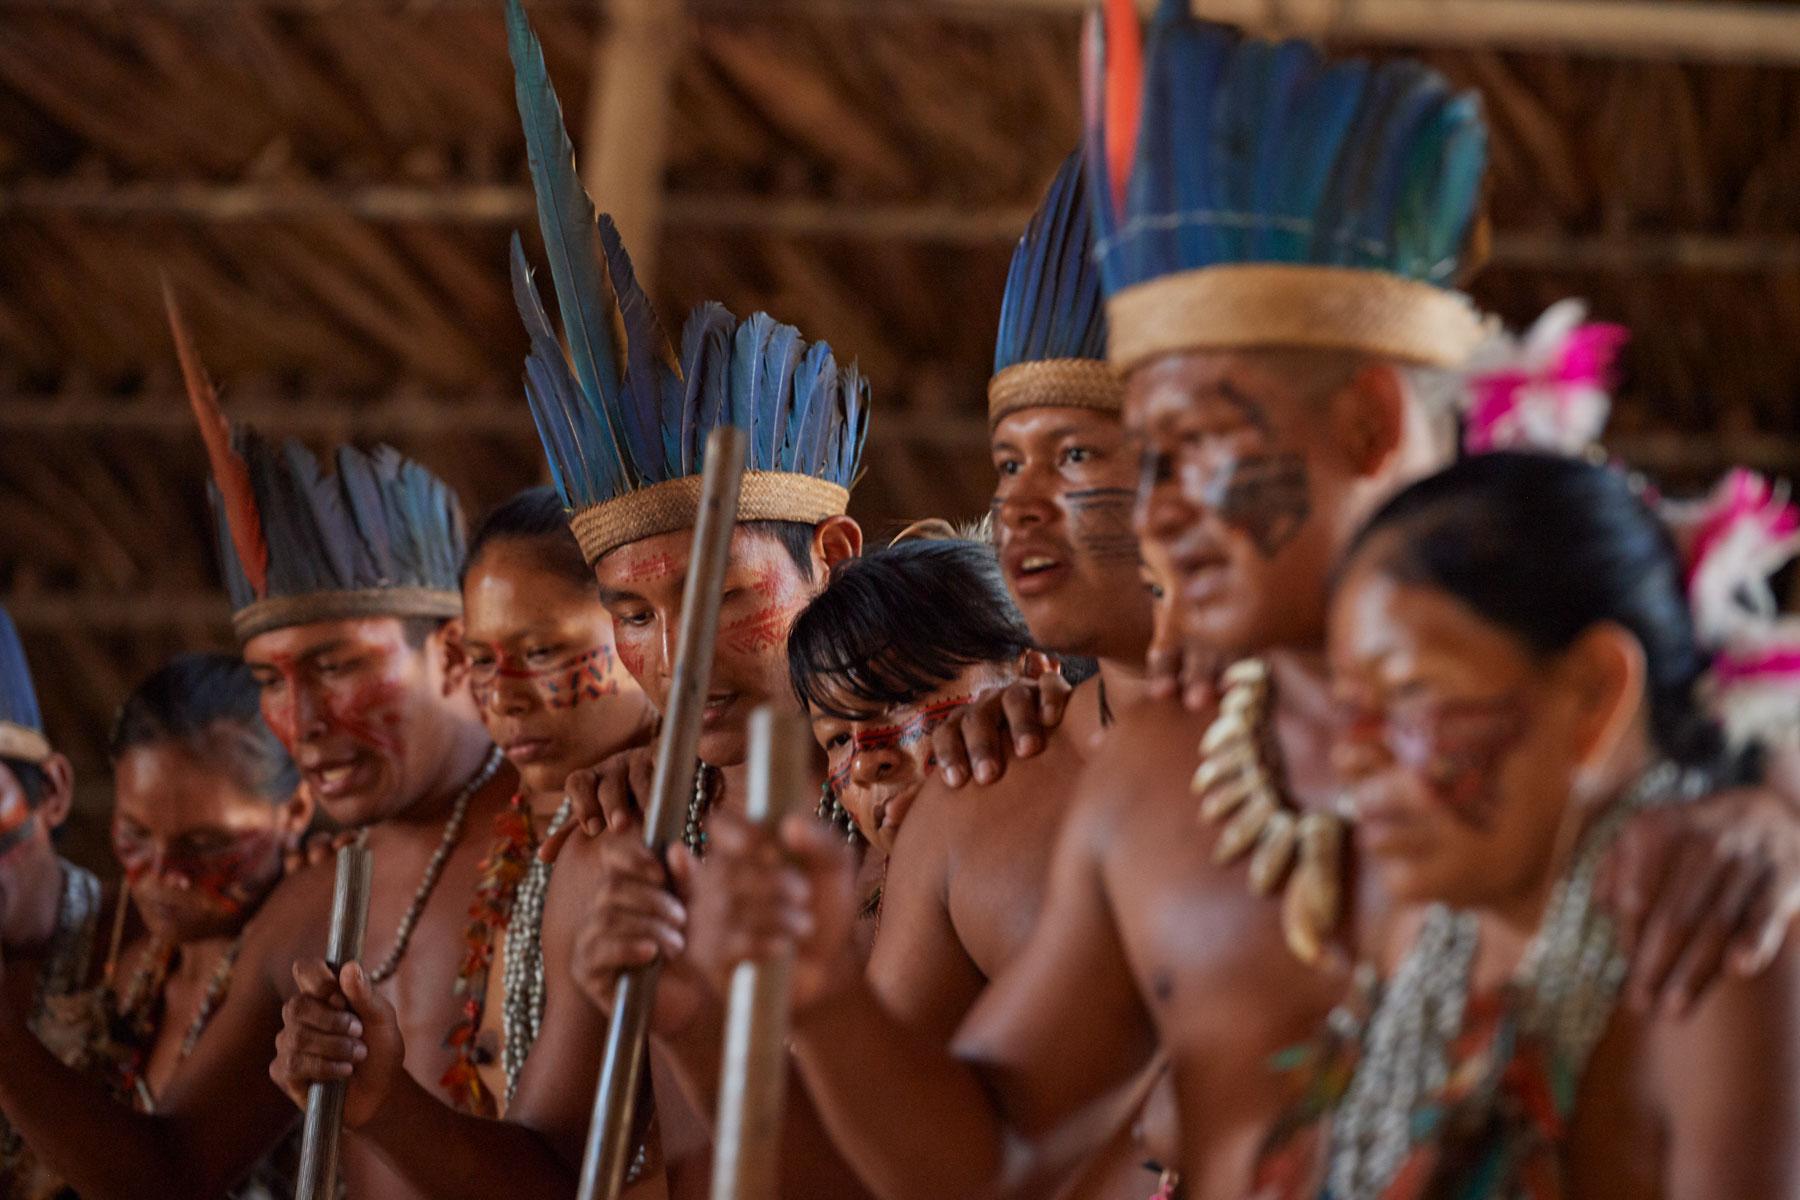 Bild eines indogene Völker mit Kopfschmuck und Bemalung beim tanzen